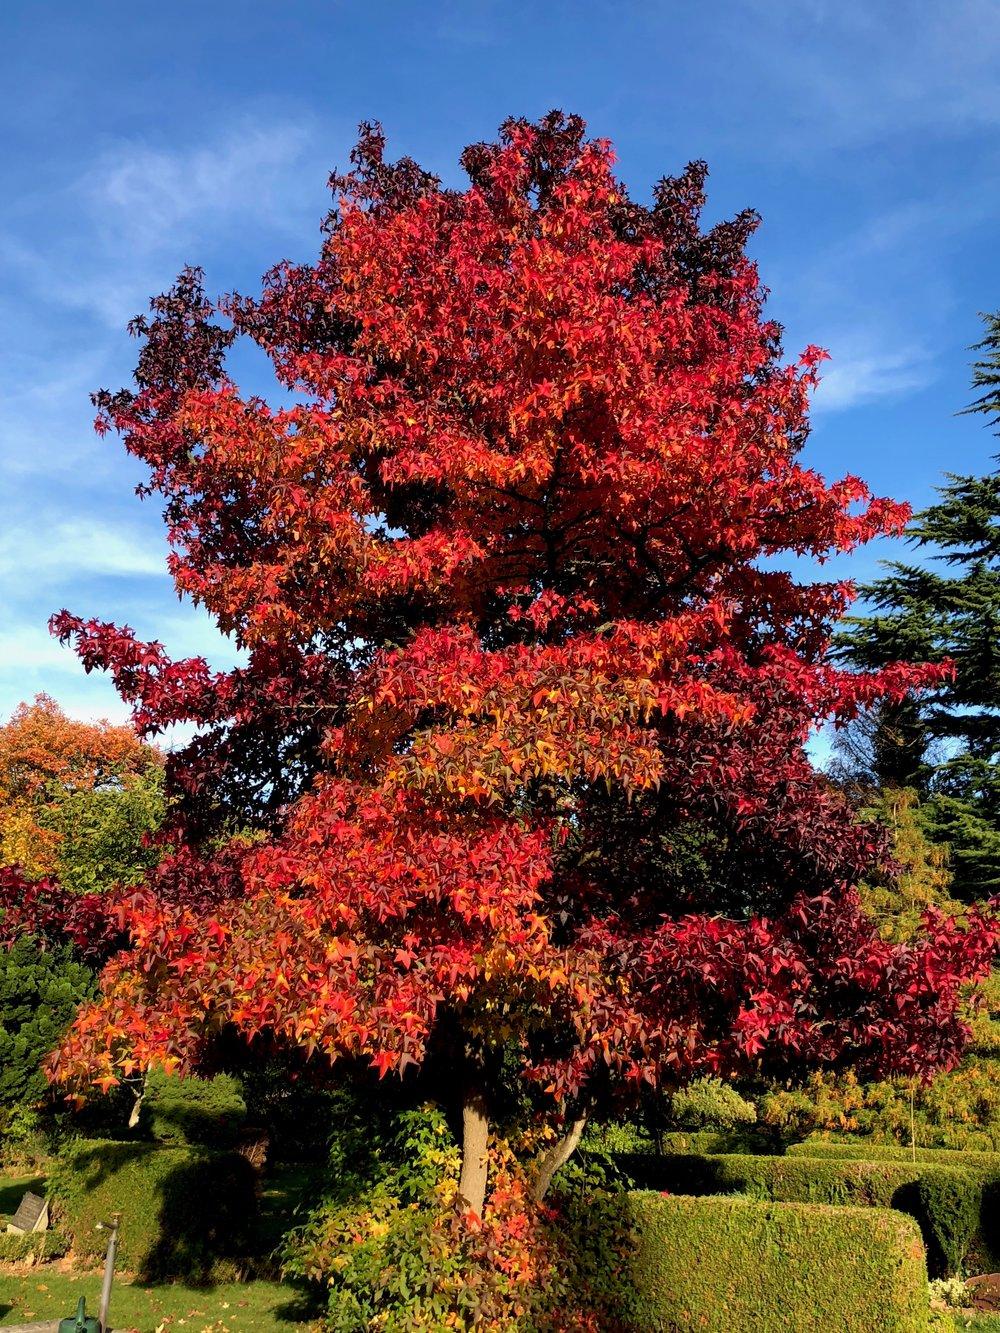 Hvis du nu ikke kan nå kirkegården, så skal du altså have dens flotteste træ at se. Det er et pragteksemplar af et ambratræ, som får min lille starut i haven på 3 meter til at blegne lidt. På engelsk hedder træet 'Sweetgum tree', fordi bladene har en sødlige lidt grannåle-agtig duft, når du knuser dem.